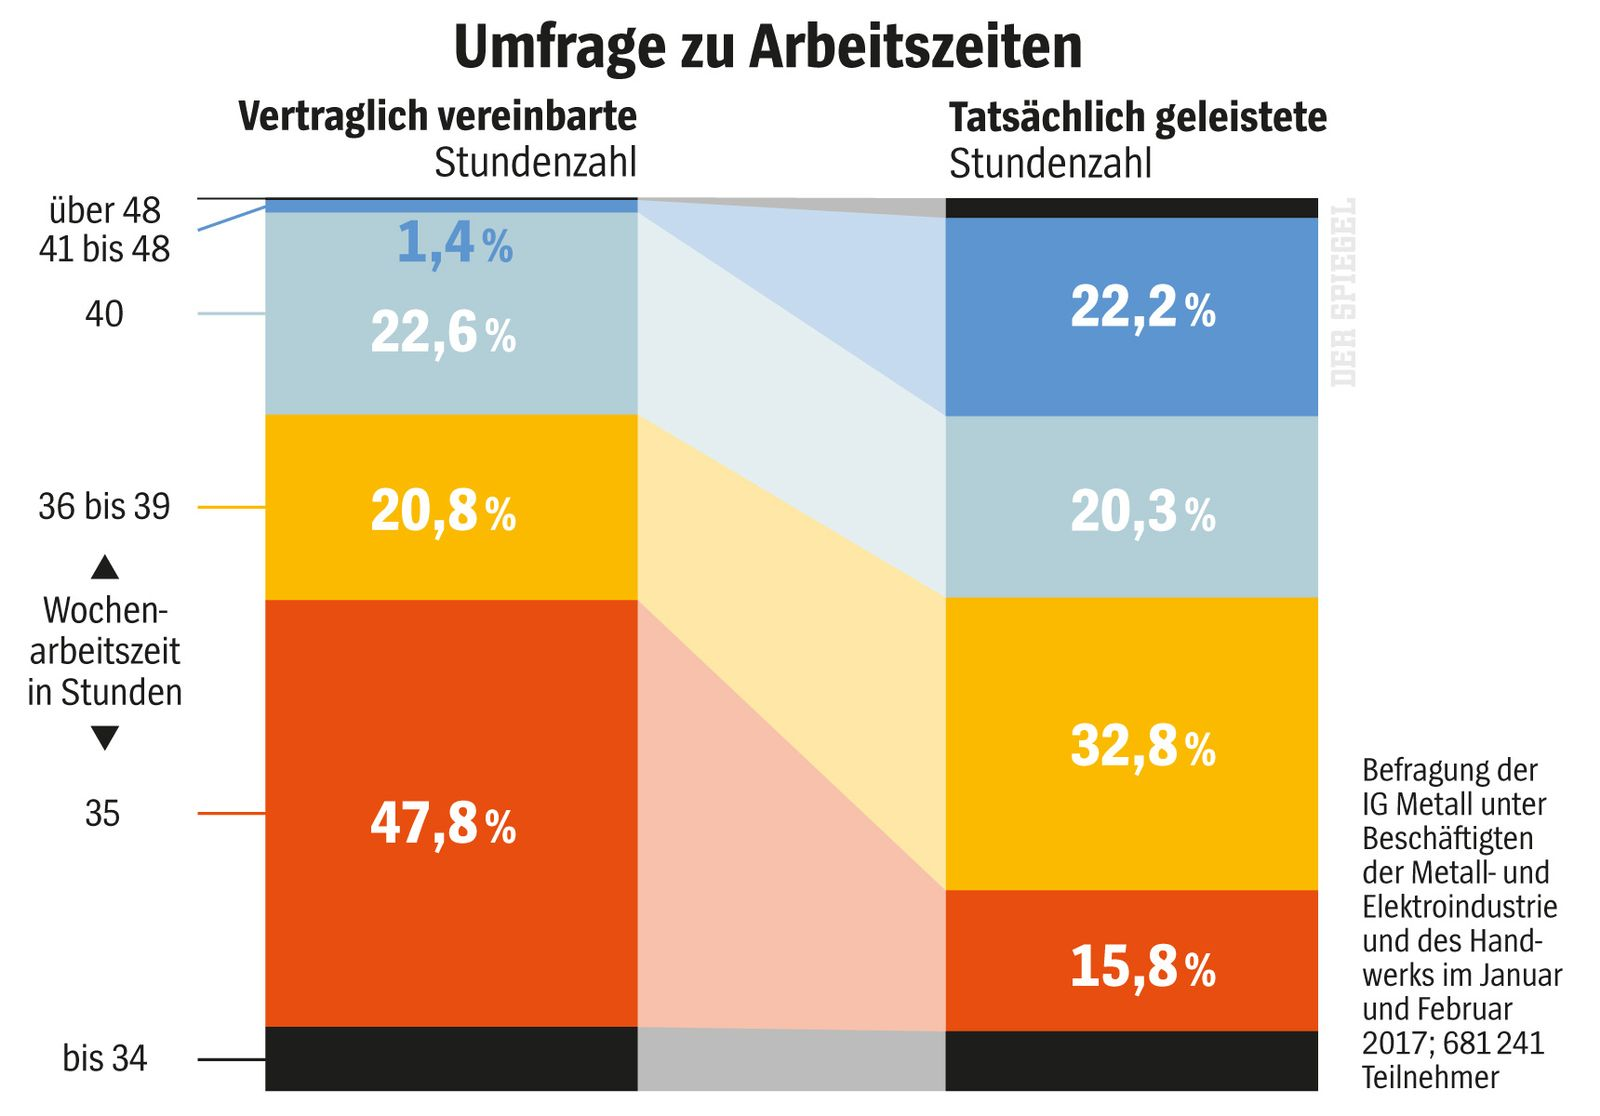 EINMALIGE VERWENDUNG SPIEGEL 46/2017 S. 70 Grafik Arbeitszeitverkürzung